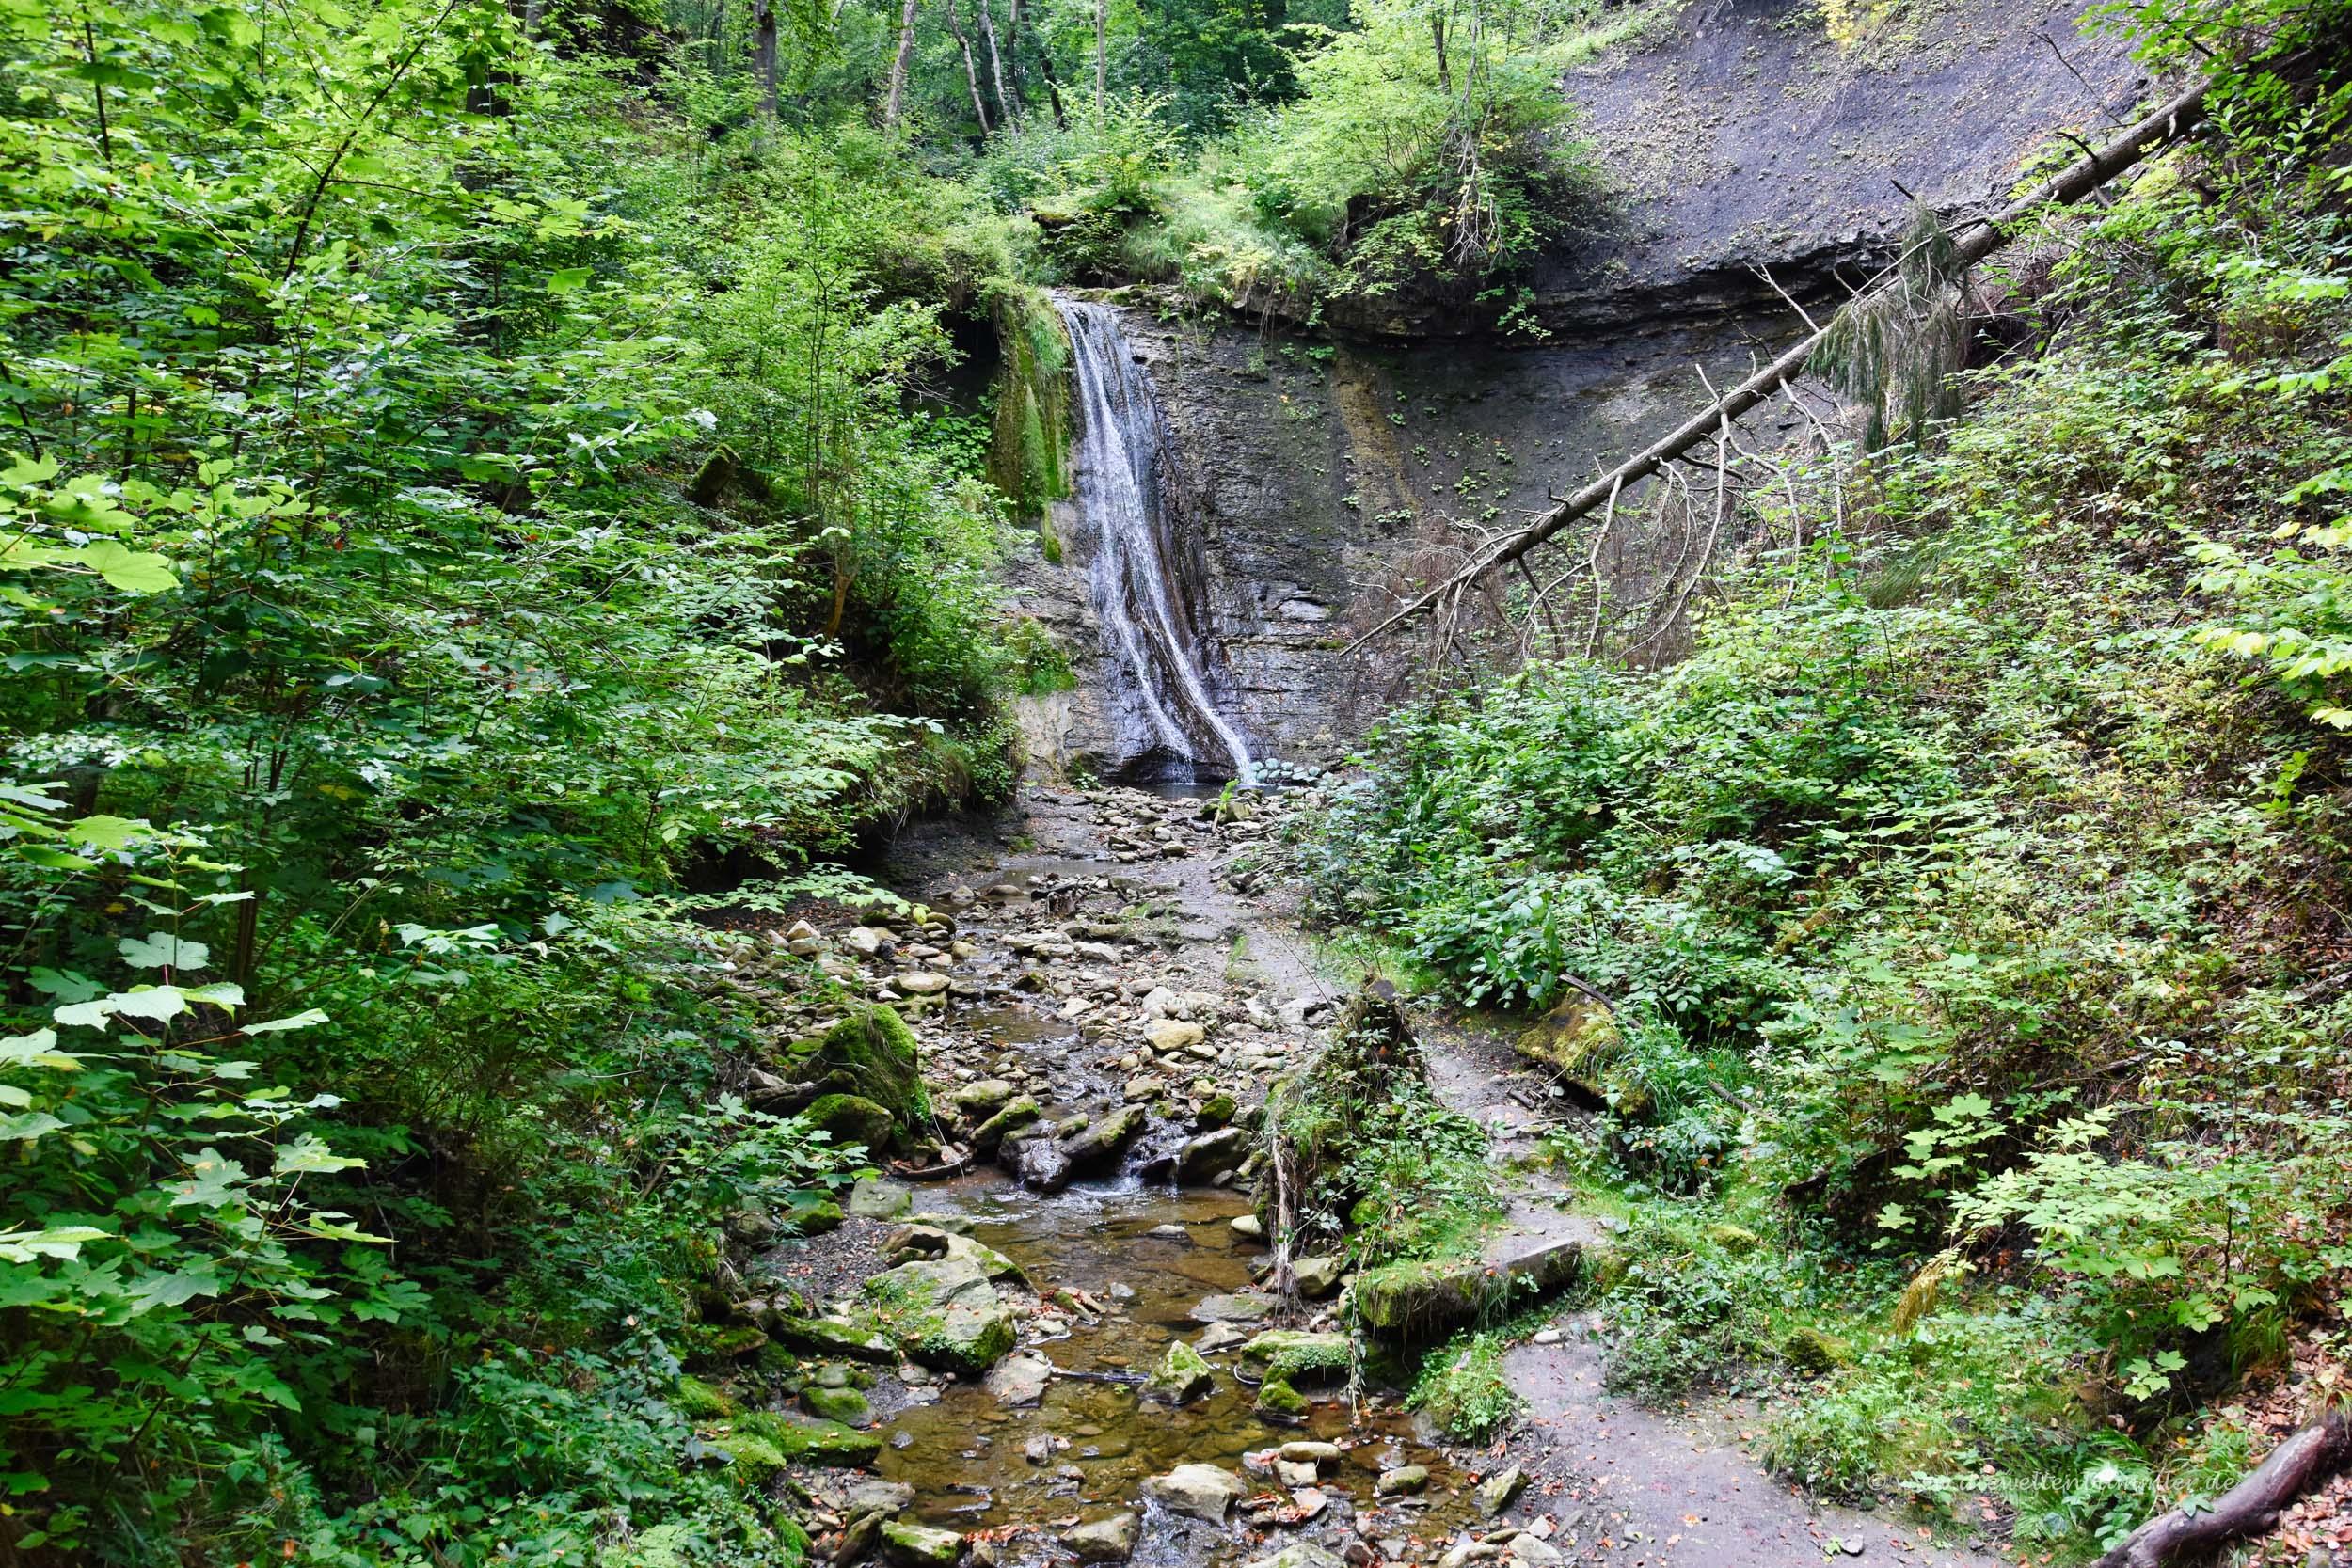 Schleifenbachwasserfall